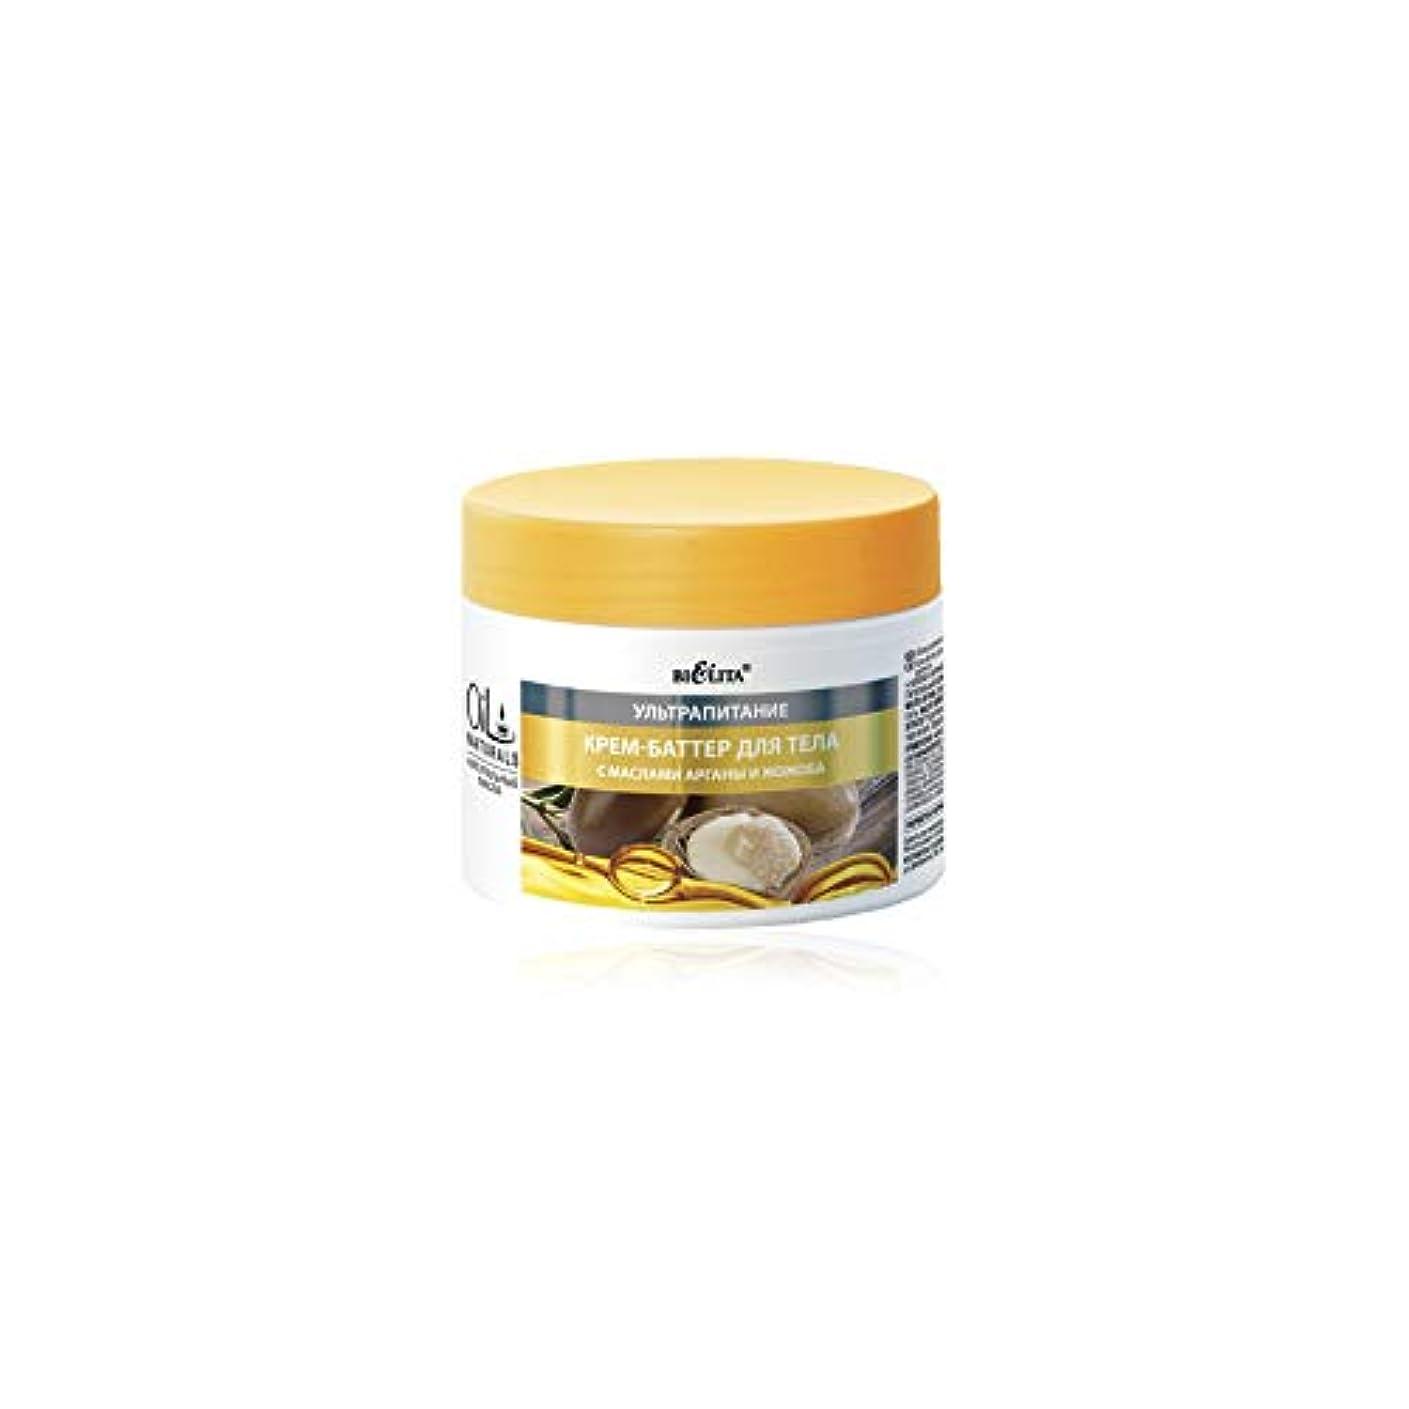 負ハイジャック可能性Bielita & Vitex Oil Naturals Line | Ultra Nourishing Body Butter-Cream for Dry and Sensitive Skin, 300 ml | Argan...